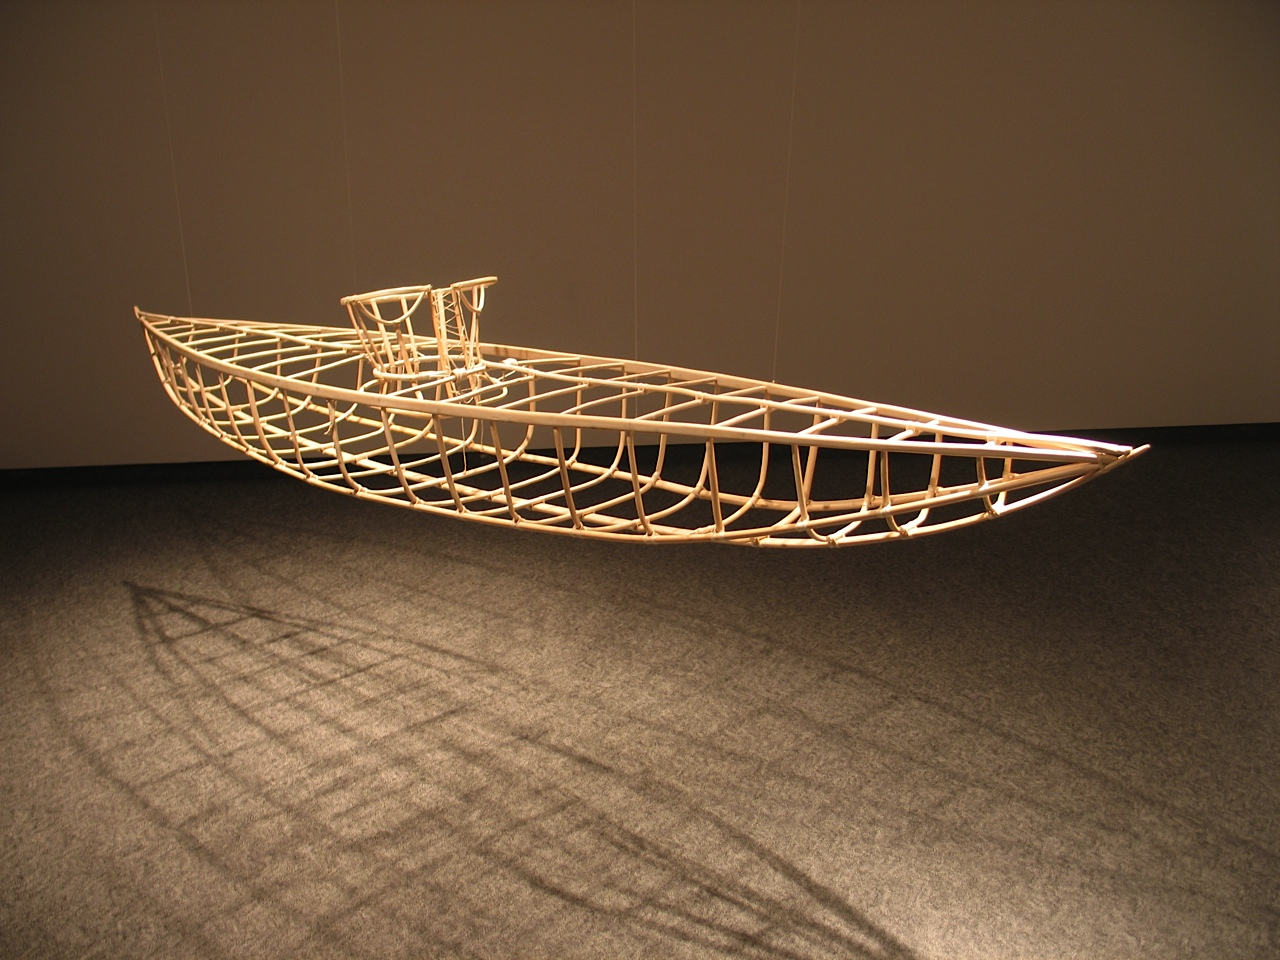 Corset-Kayak , 2000 Driftwood cedar, bent willow spring shoots, linen strings,127.5 x 305 x 52.5 cm (installed)